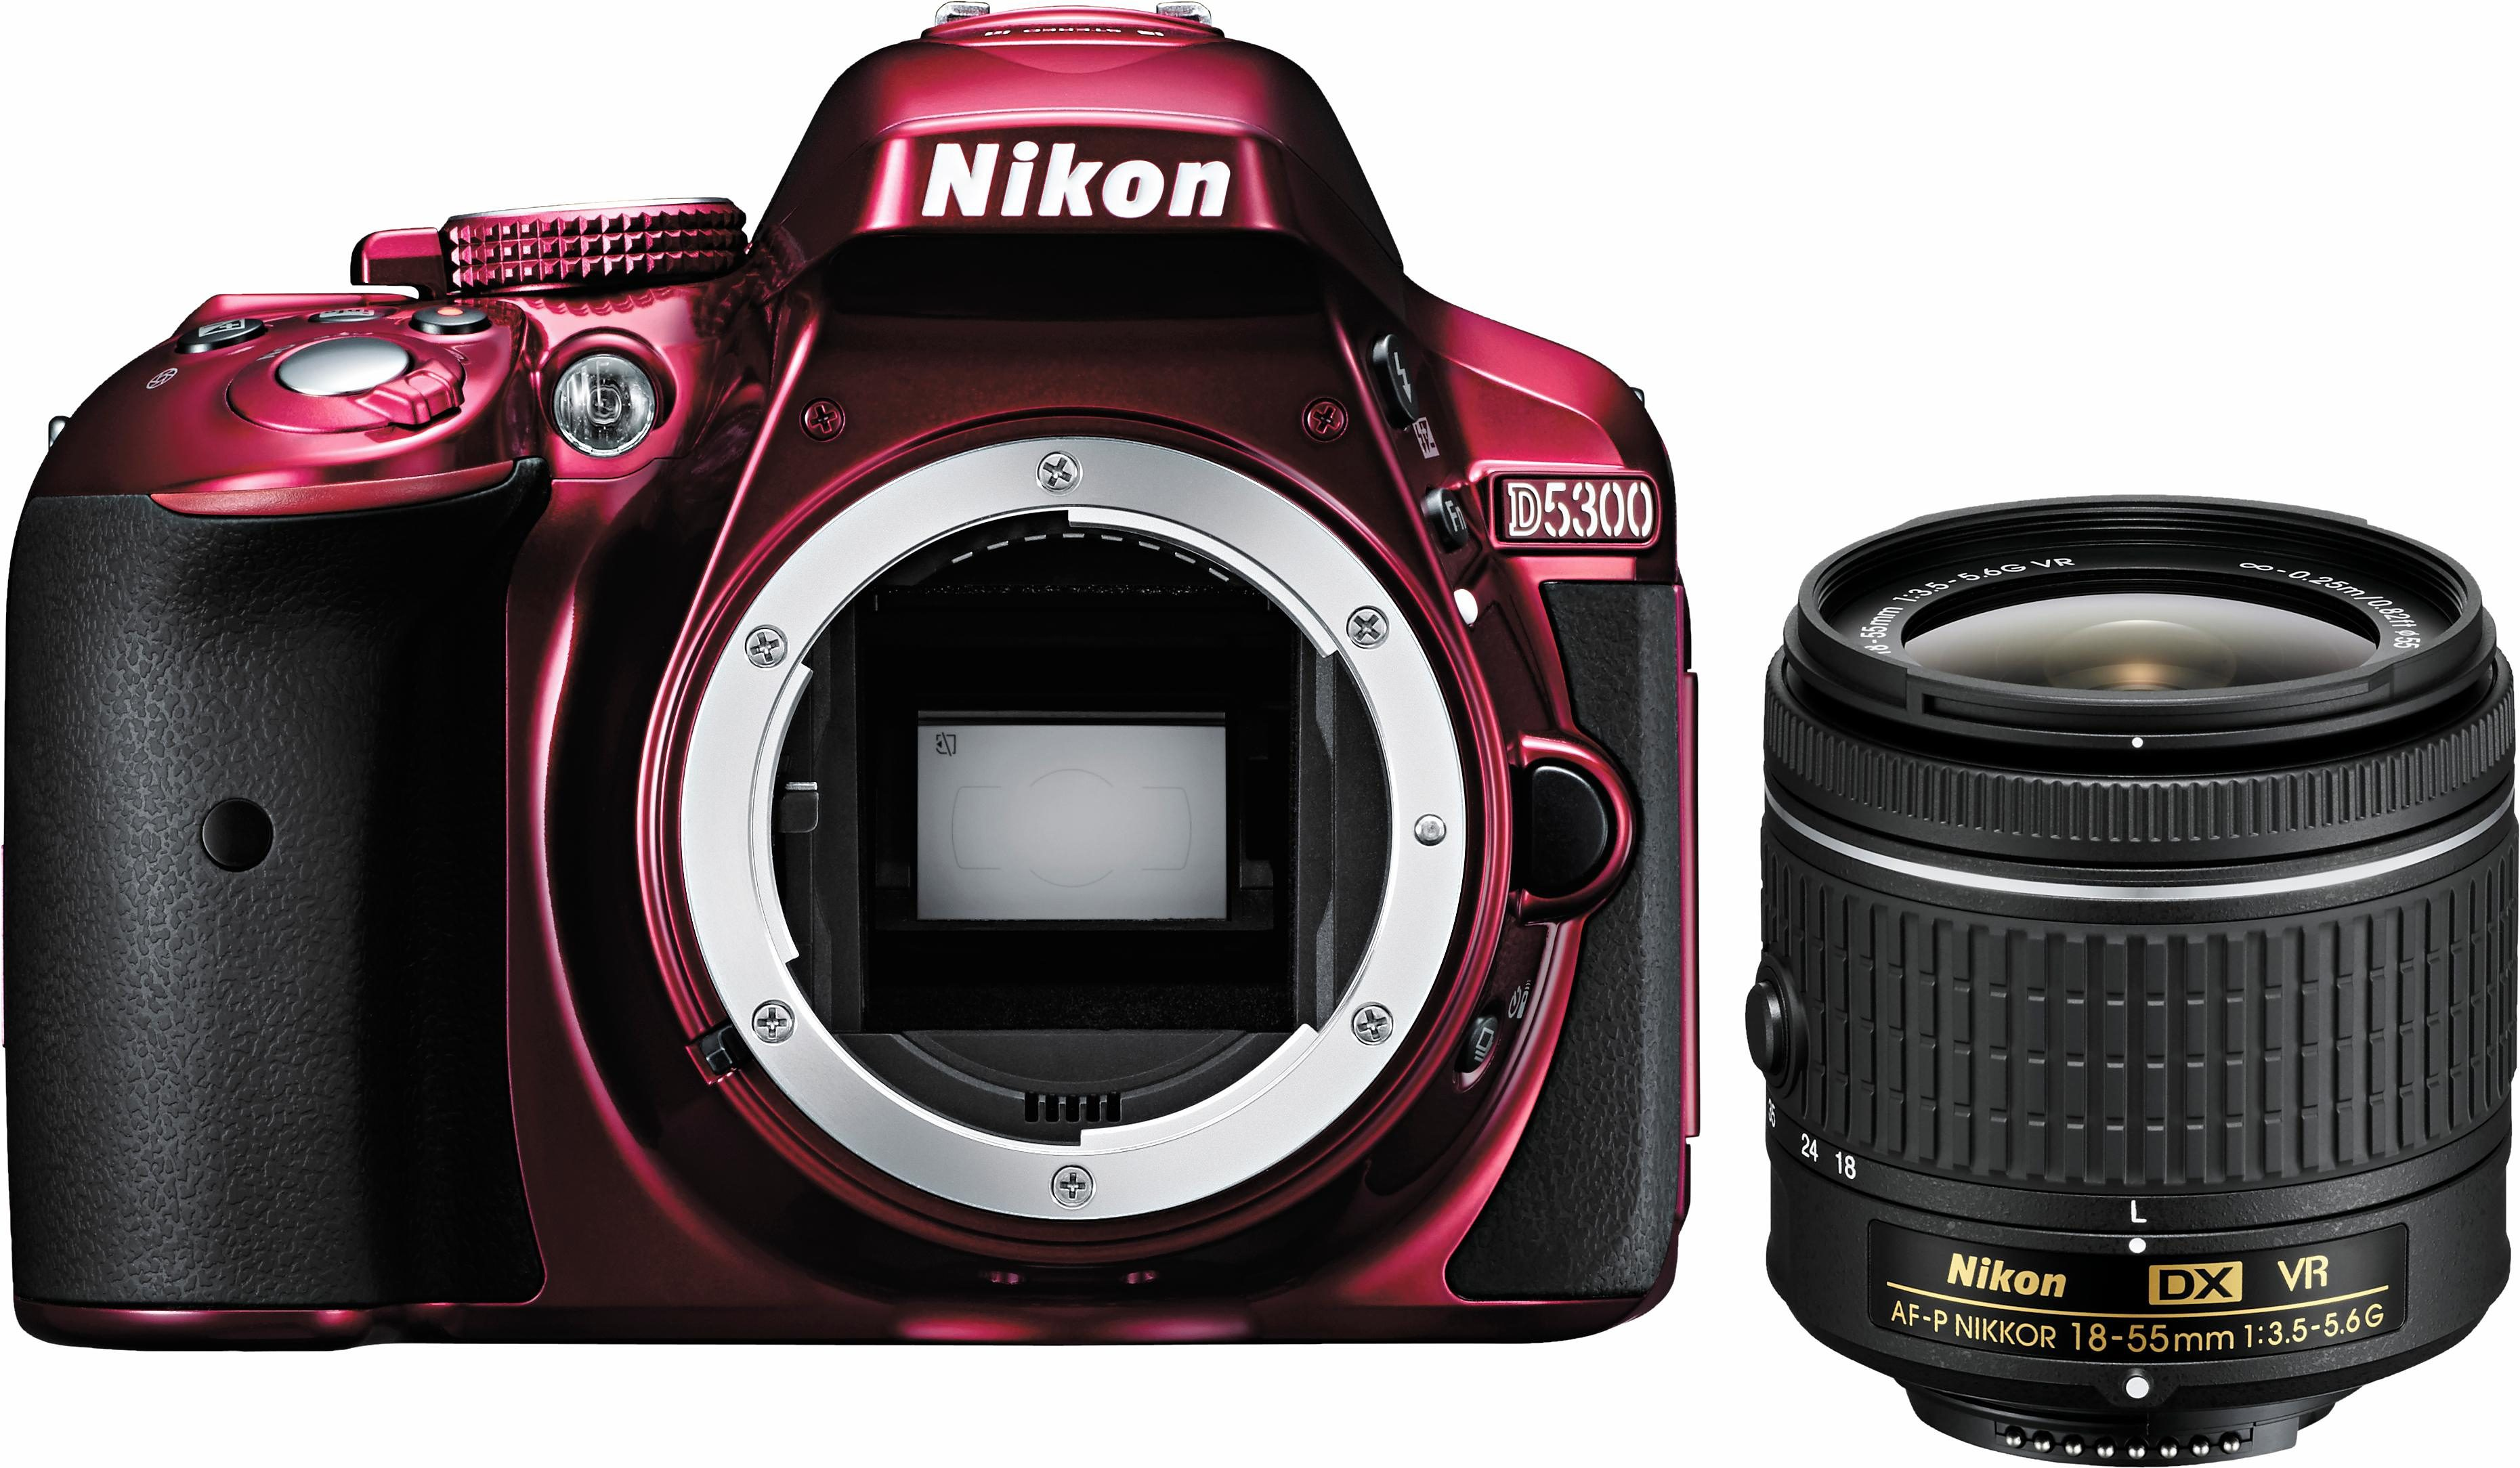 Nikon D5300 Kit AF-P 18-55 VR Spiegelreflex Kamera, NIKKOR AF-P 18-55 mm VR Zoom, 24,2 Megapixel